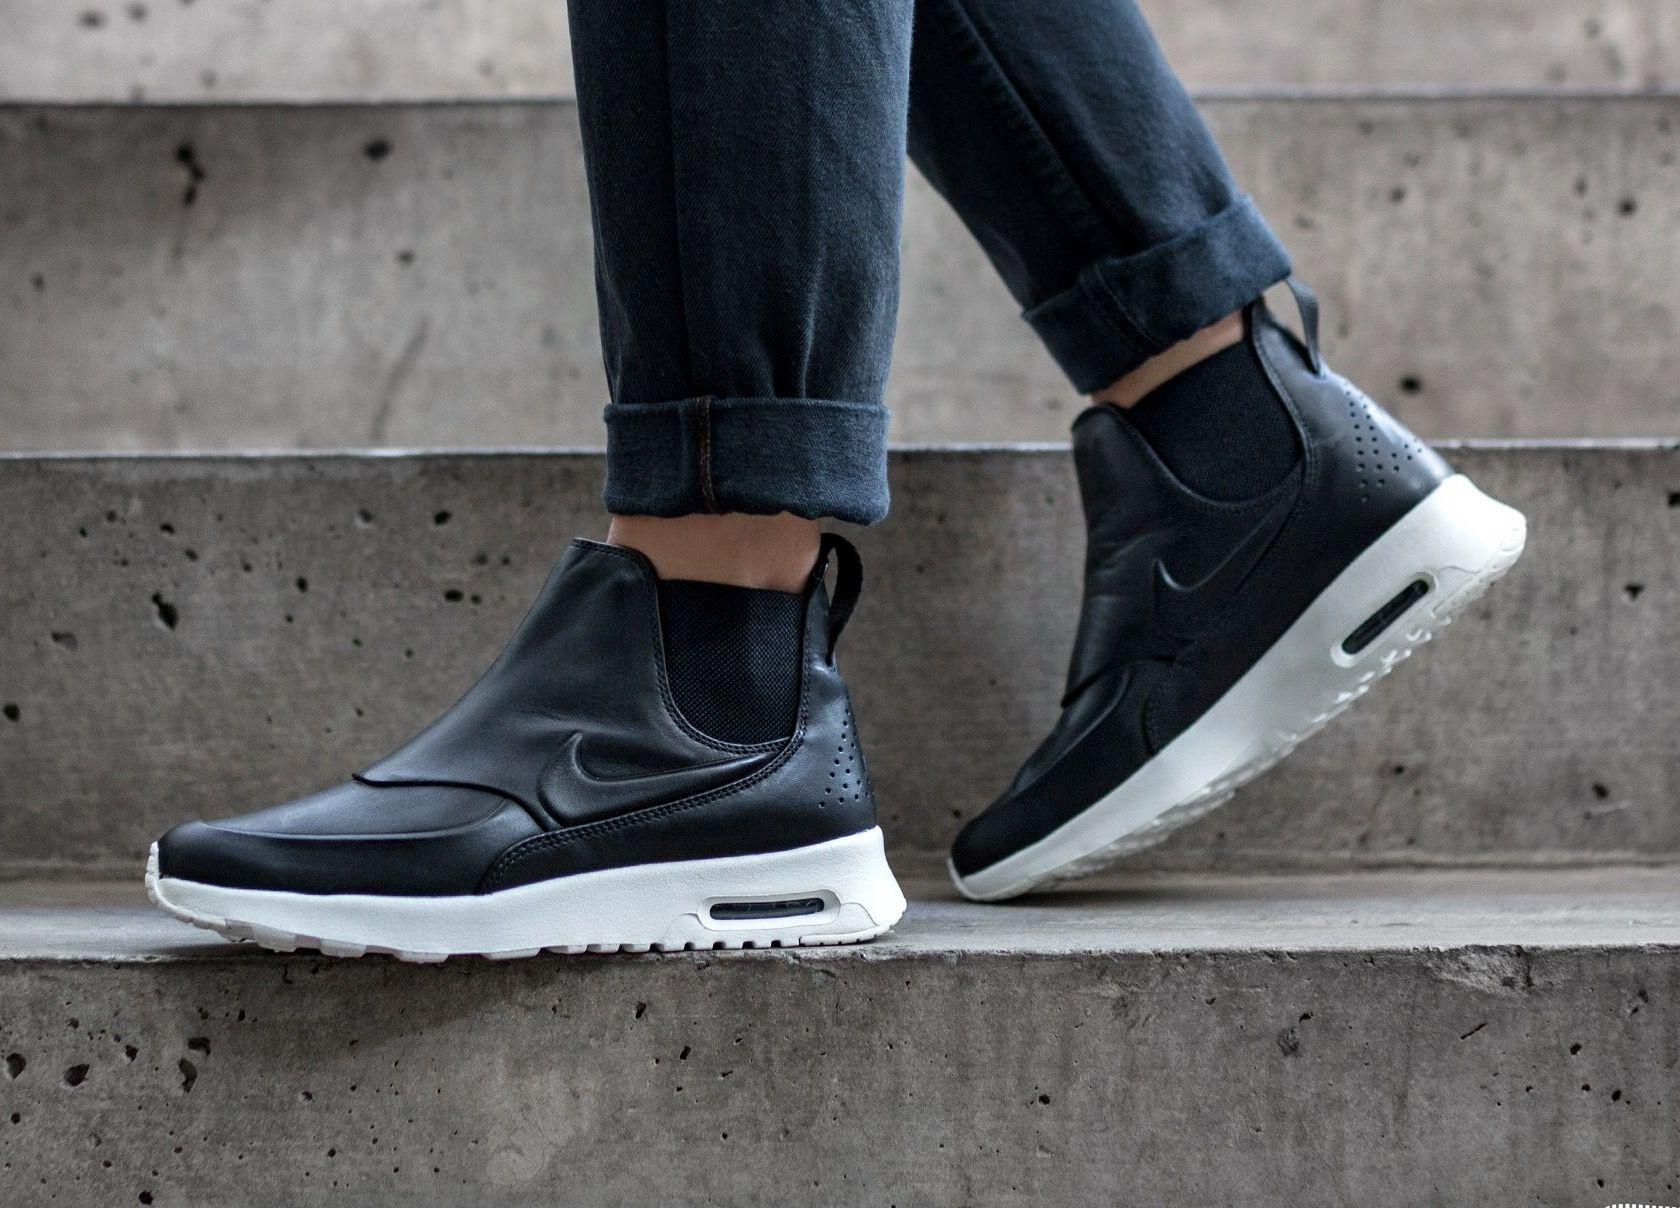 Nike Bottes Thea Air Max Pour Les Femmes